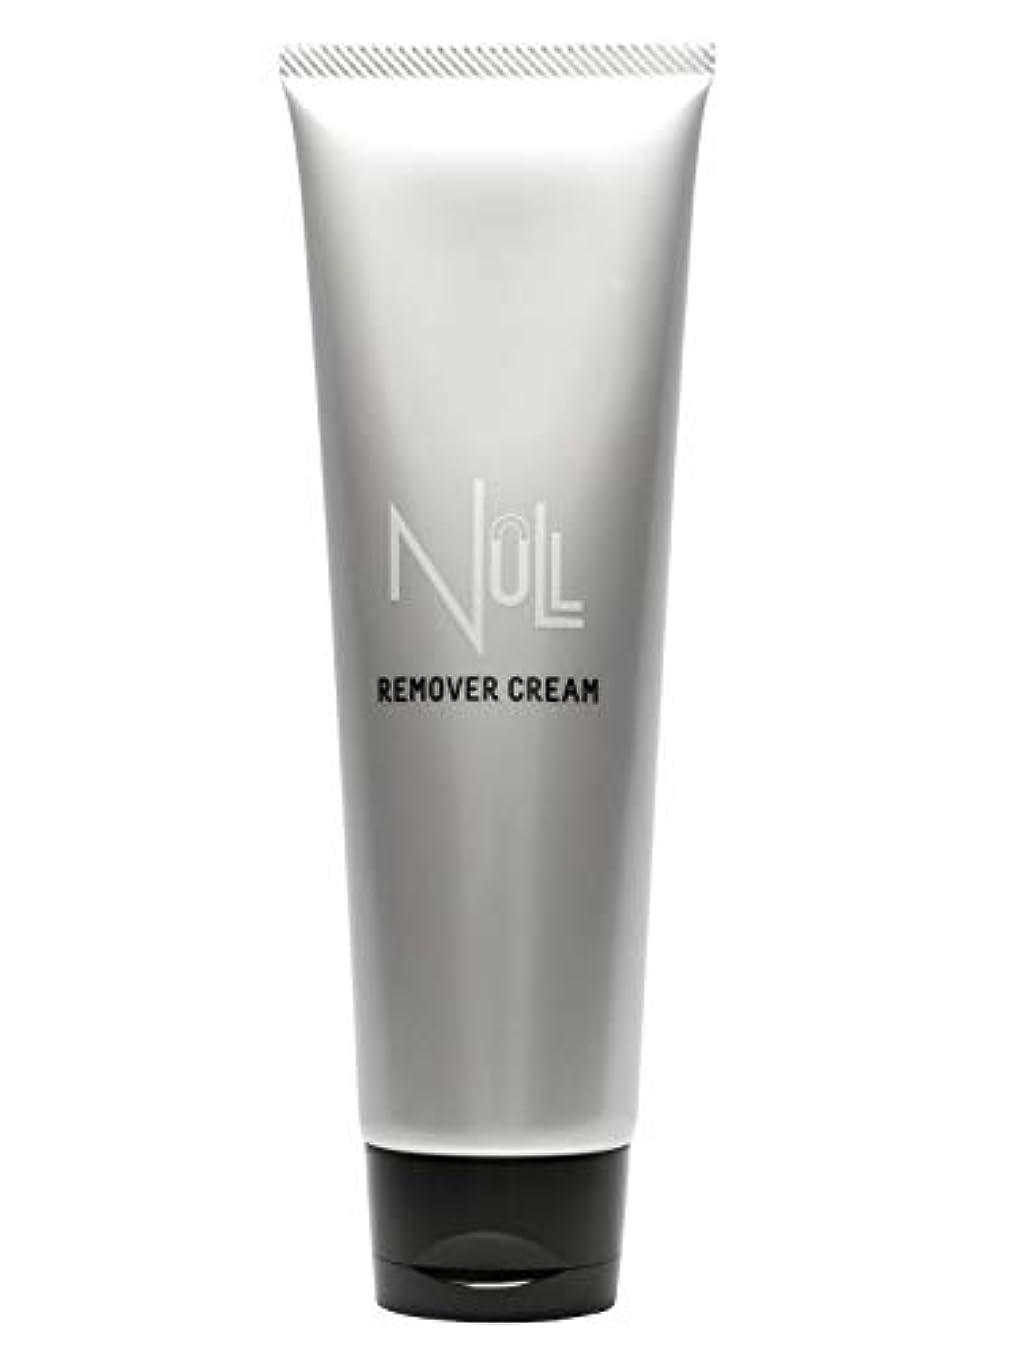 思春期太い却下するNULL 薬用リムーバークリーム 除毛クリーム メンズ 200g [ 陰部 / アンダーヘア / Vライン / ボディ用 ]